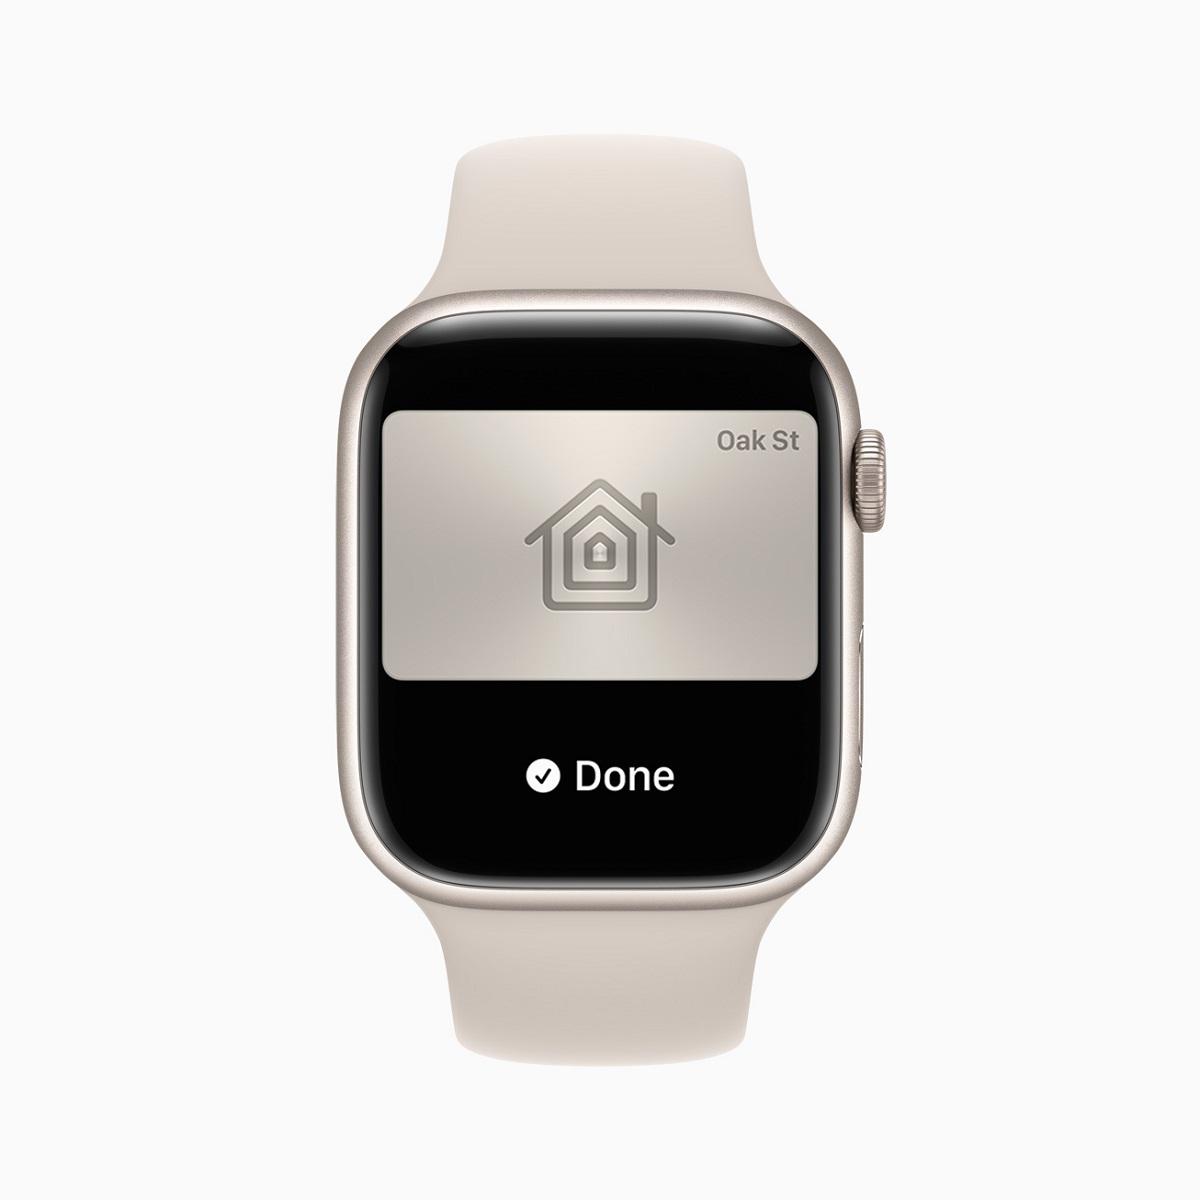 Владельцы Apple Watch могут добавить ключи от дома или офиса и нажать на часы, чтобы разблокировать их.